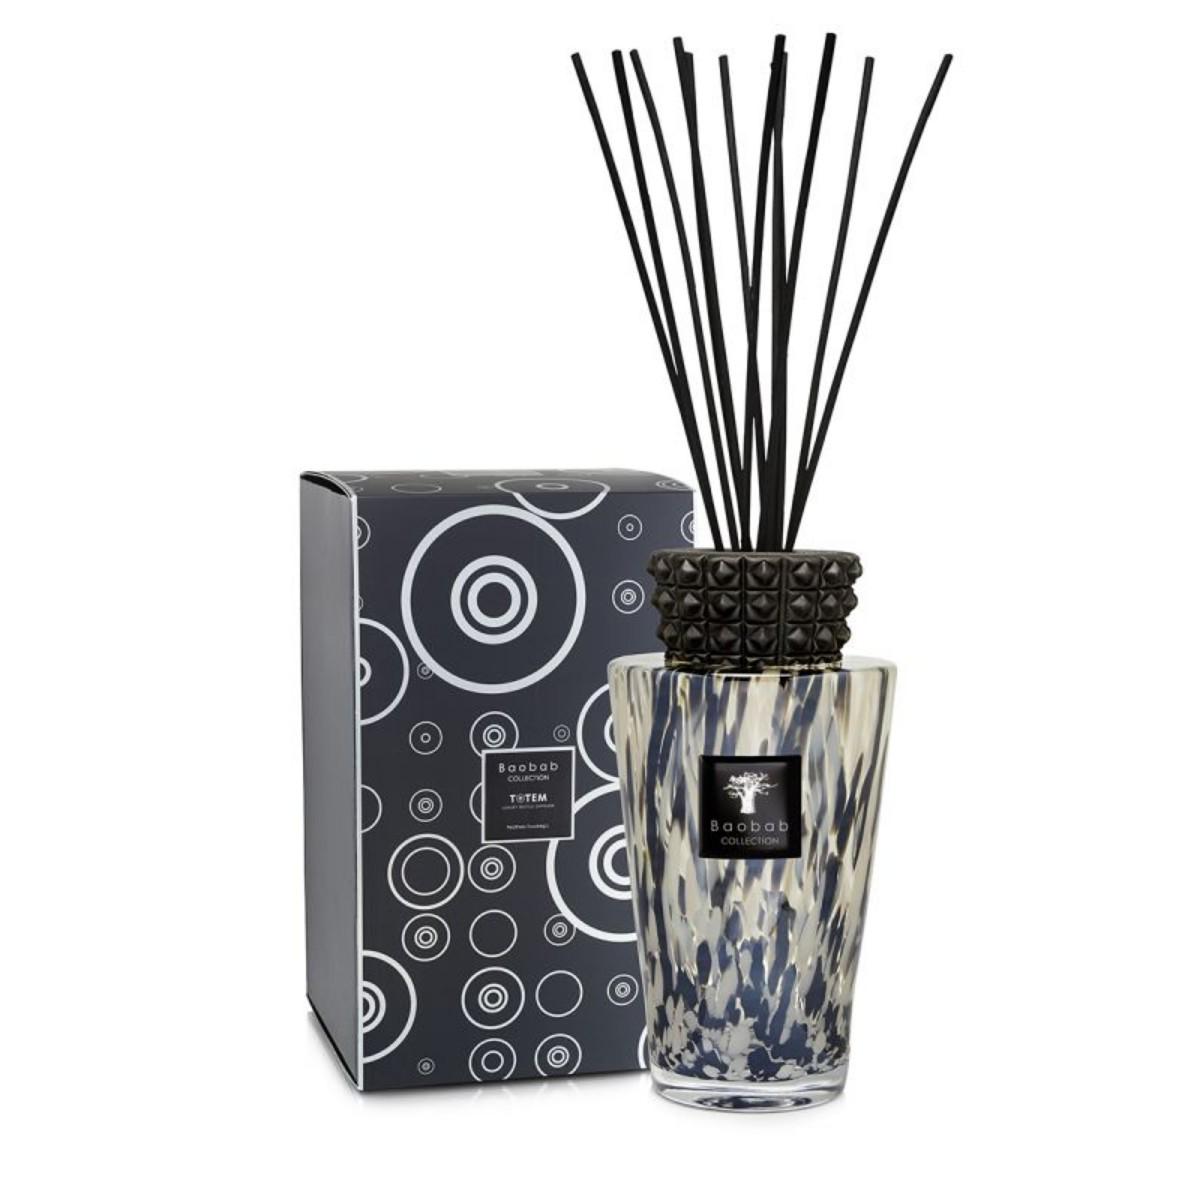 Baobab I Totem Luxury Bottle Diffuser Black Pearls 5 Litre